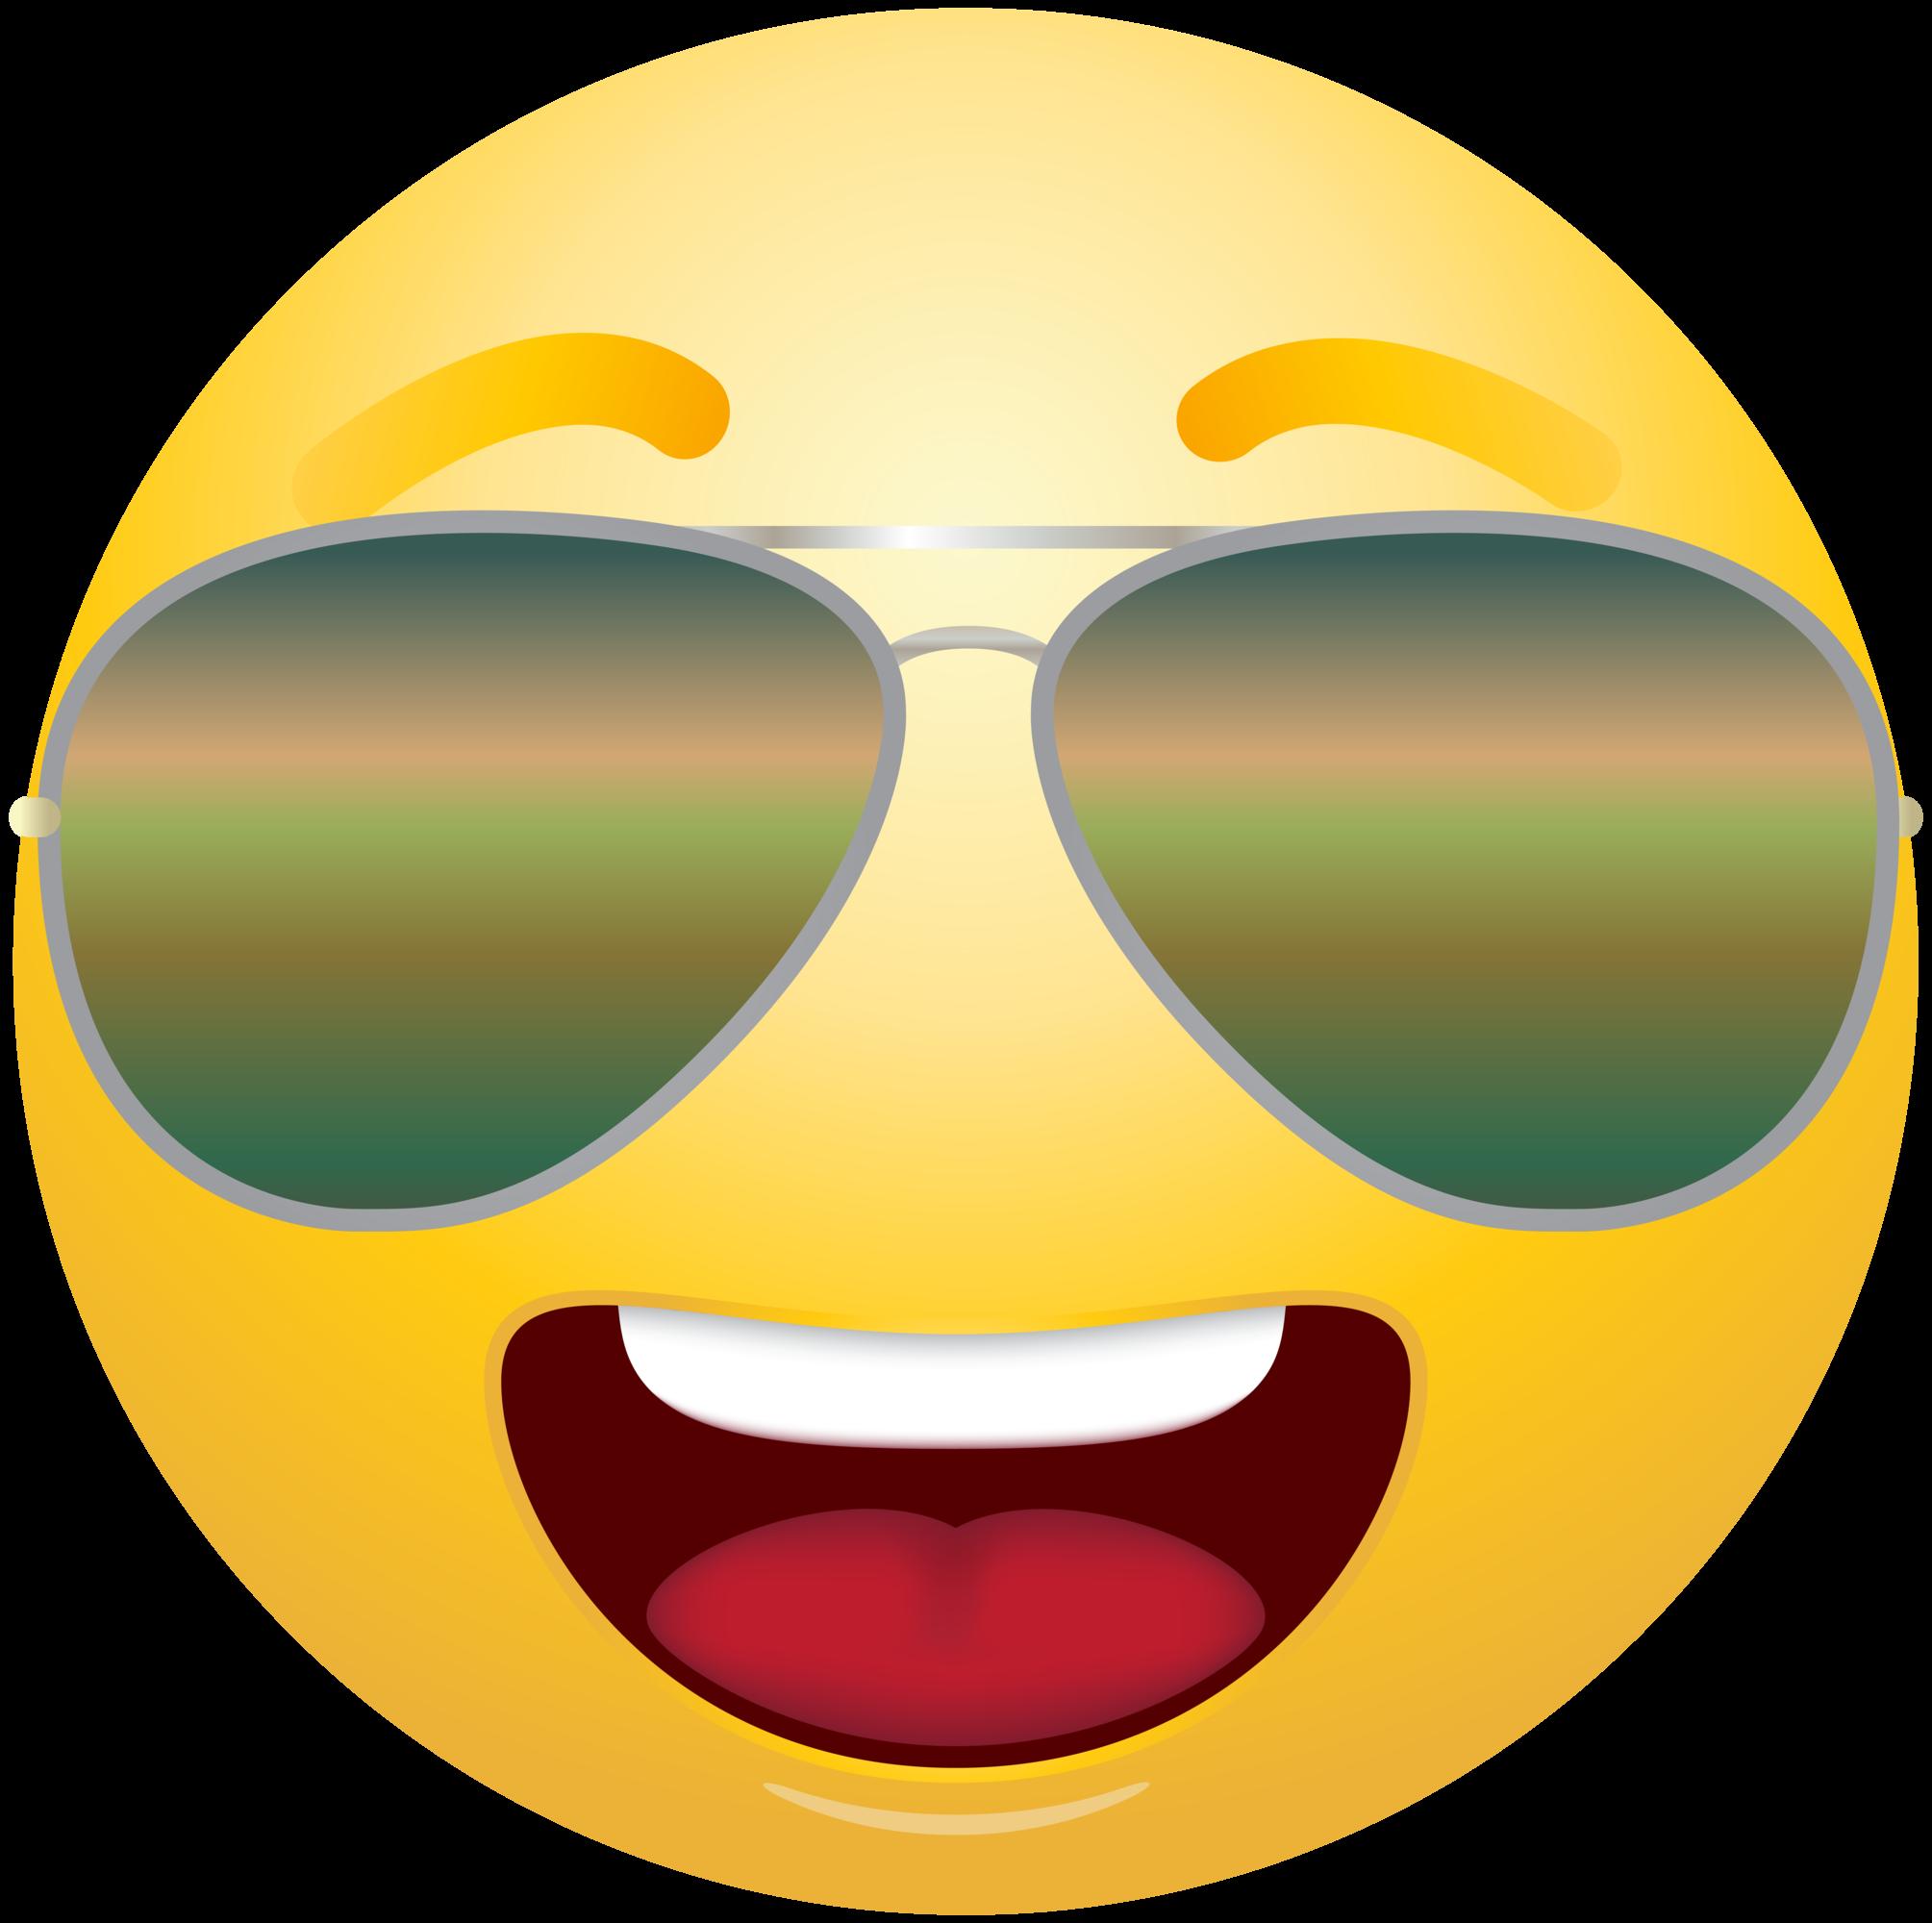 Sunglasses Emoji Clipart-Clipartlook.com-2009